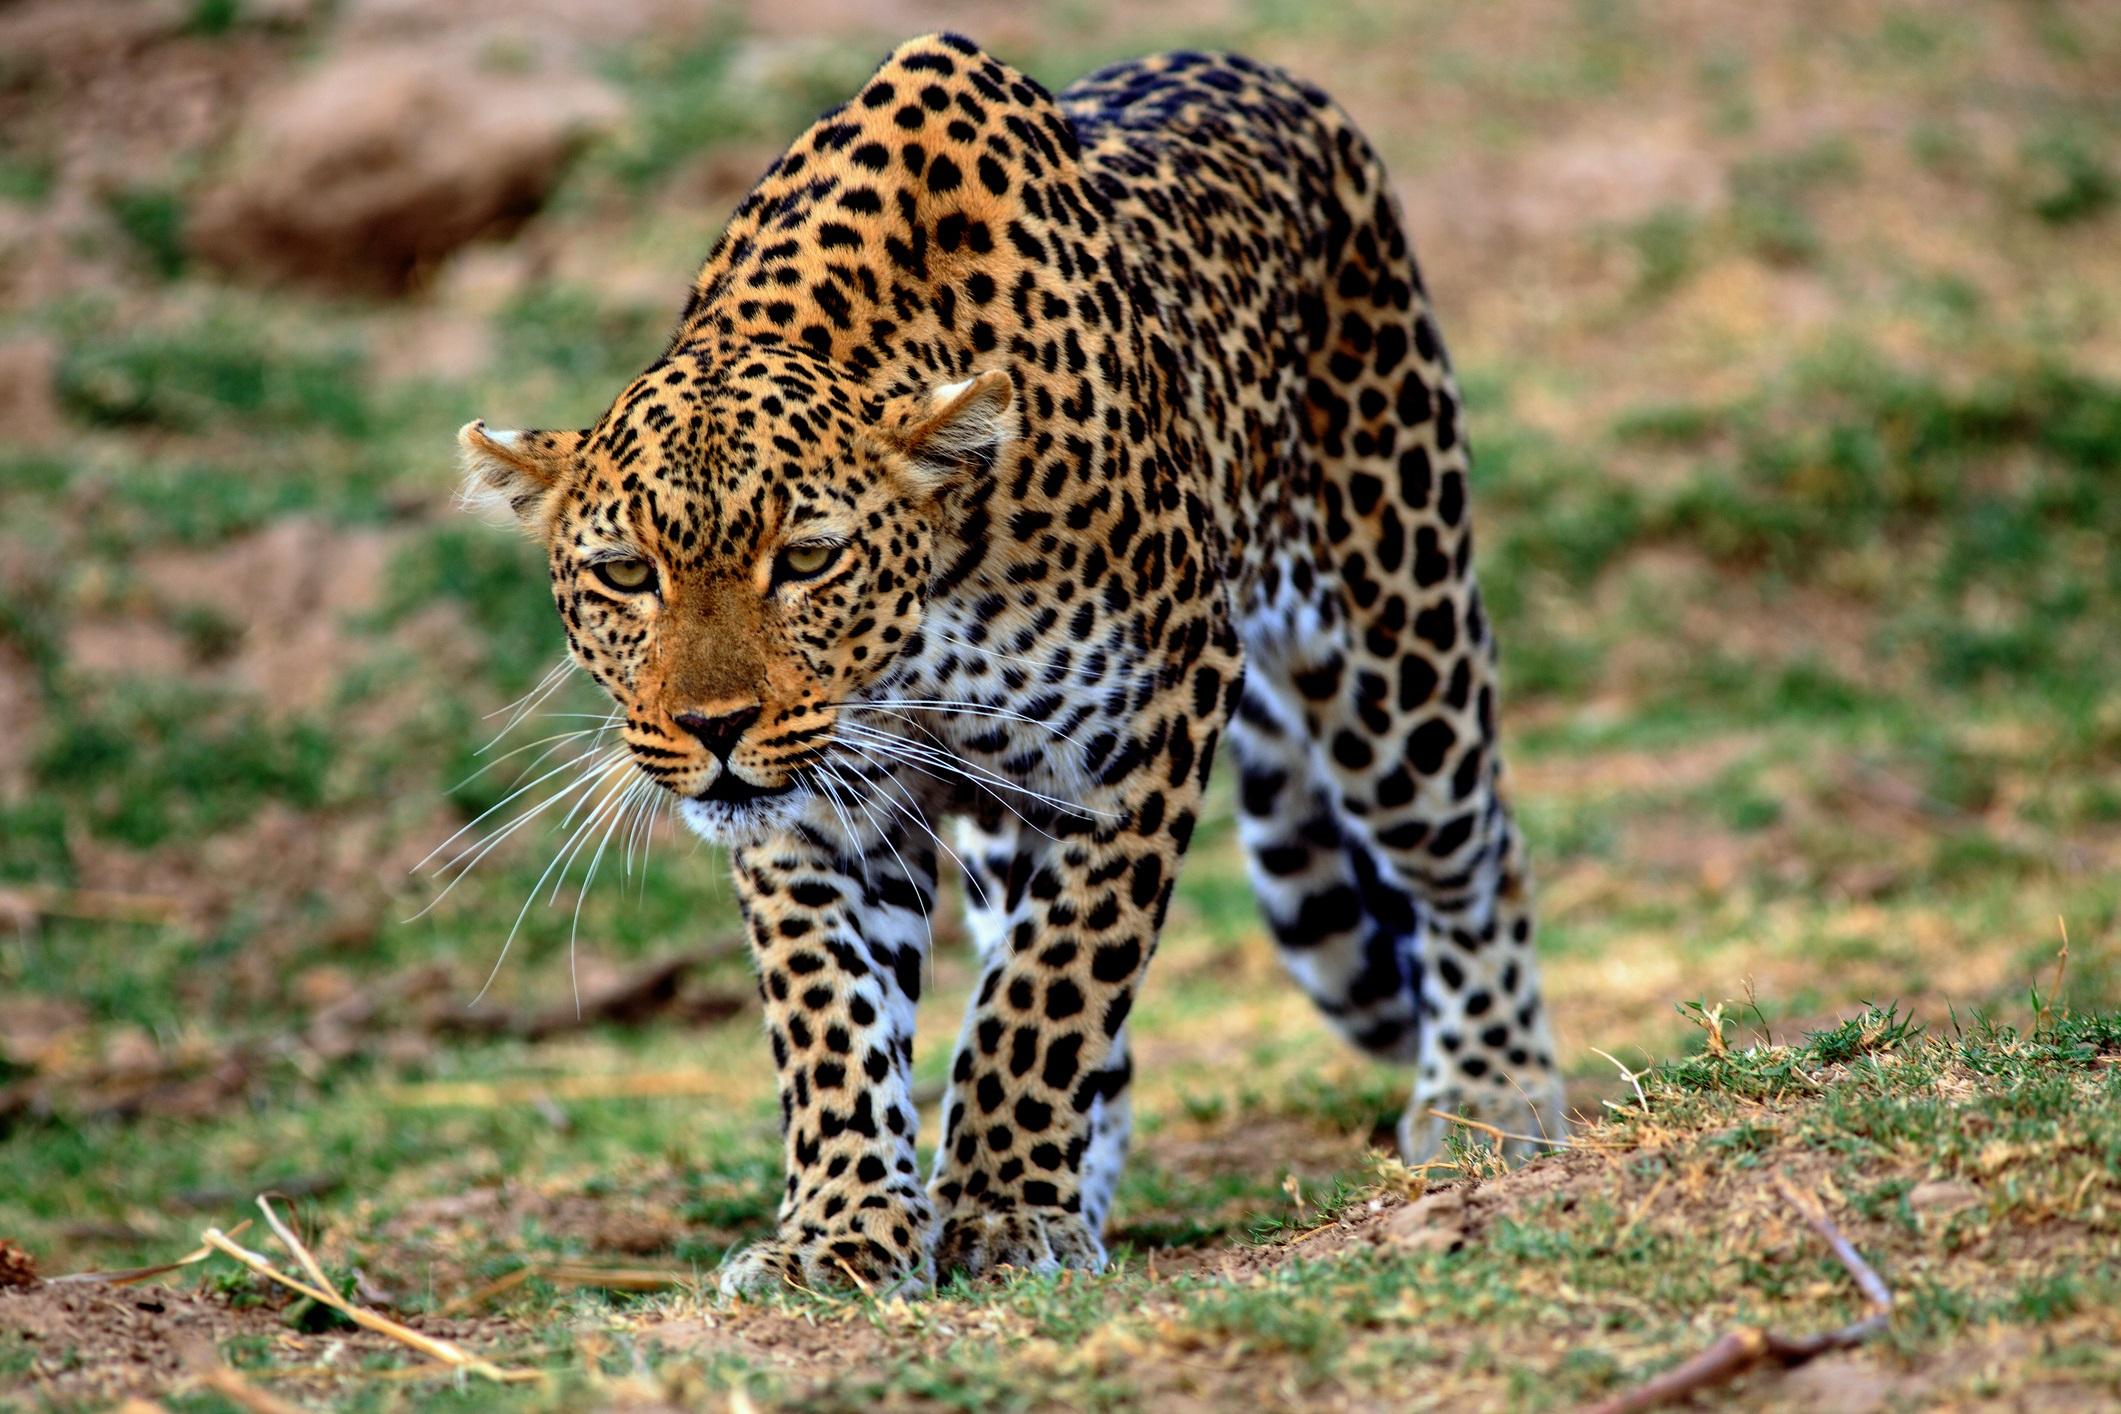 Природен парк Южна Луангва и Национален парк Кафуе, Замбия<br /> <br /> Националният парк Южна Луангва (флагмана на дивата природа в Замбия) е любимо място на многобройните любители на сафарито заради липсата на огромни тълпи, комбинирана с невероятна концентрация на дива природа.